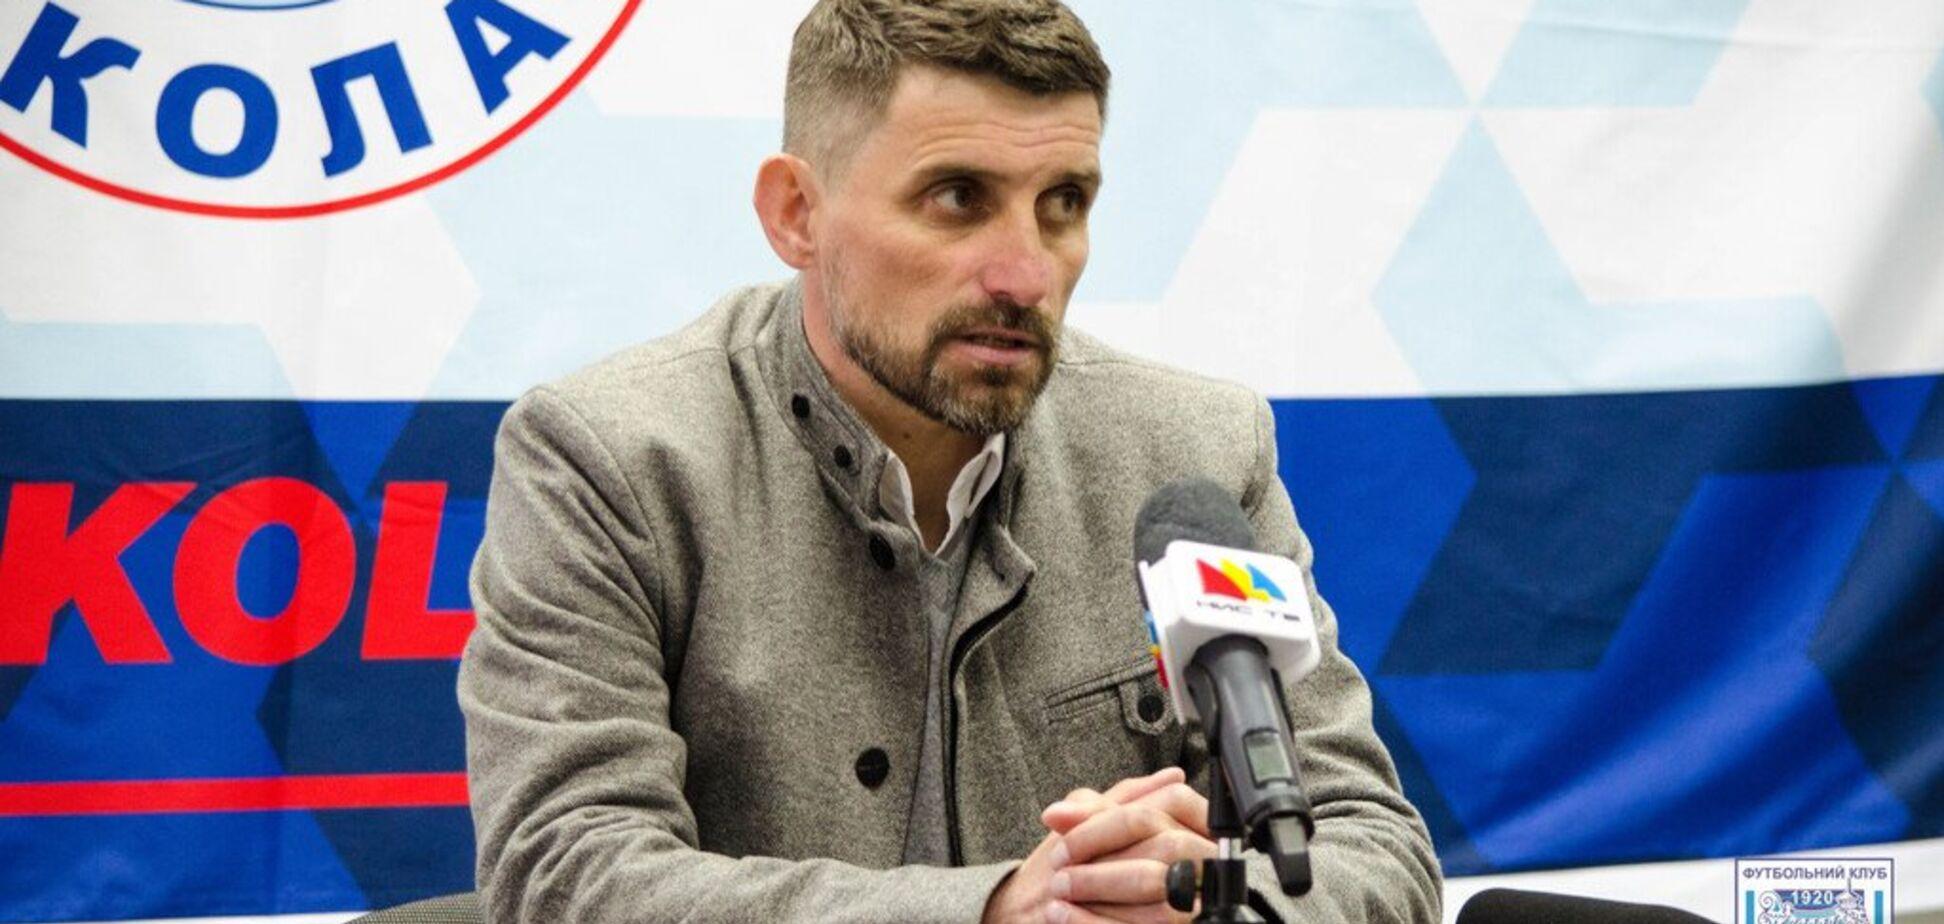 Украинский тренер призвал взять автомат всех, кто не согласен с формулой Штайнмайера